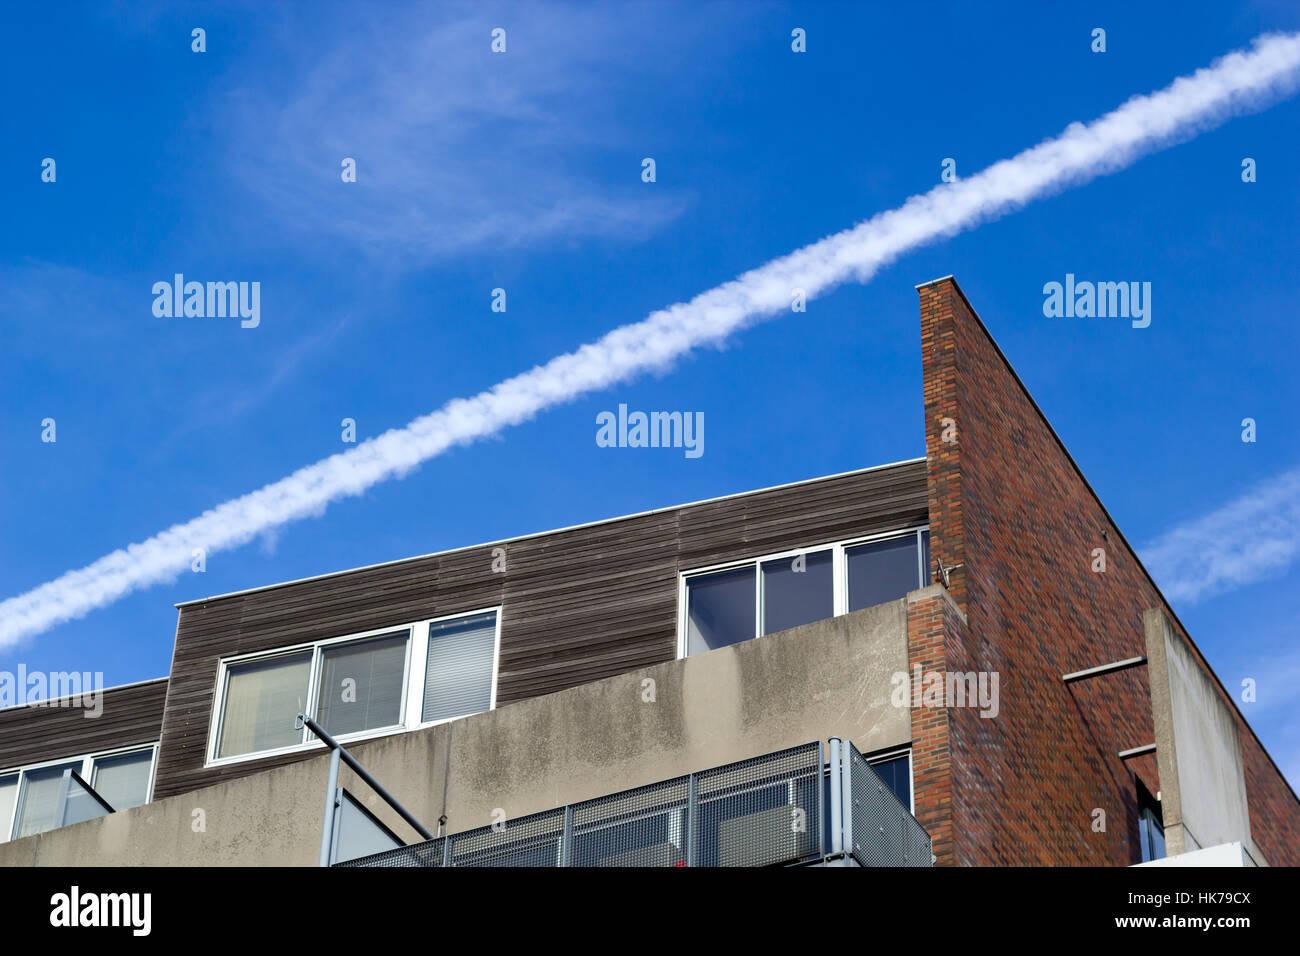 Amsterdam, Pays-Bas - le 20 janvier 2017: Avions traînée de vapeur au-dessus d'un bloc d'appartement Photo Stock